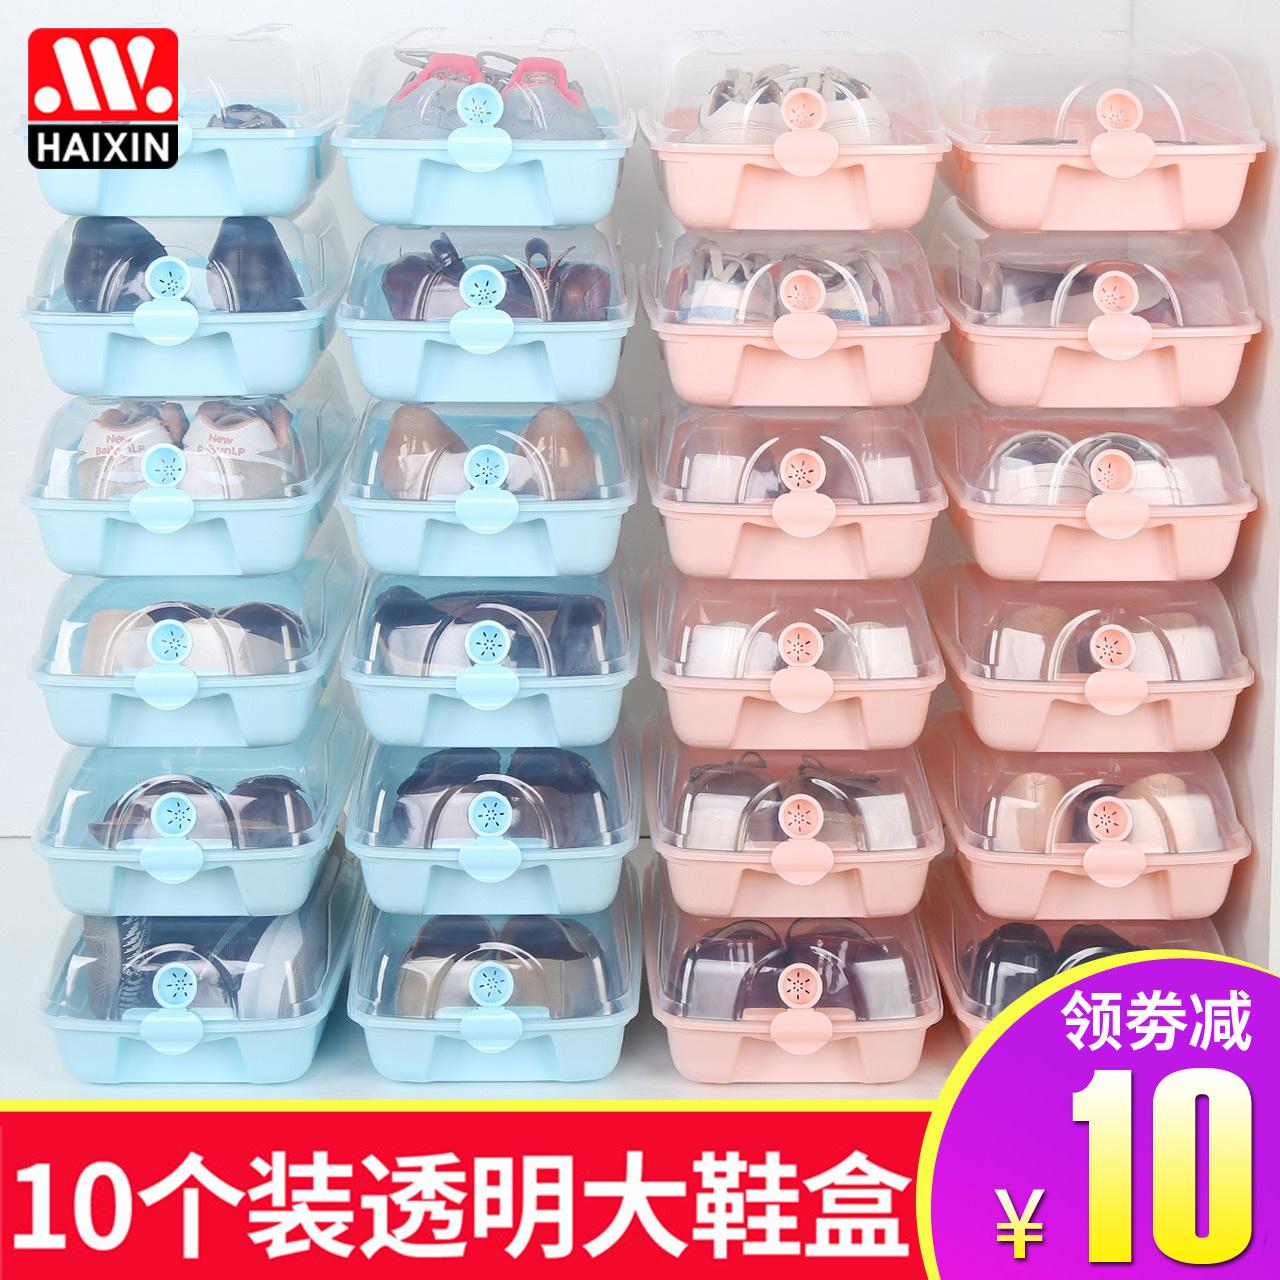 加厚鞋子收纳盒宿舍防尘简易整理箱组合抽屉式翻盖式塑料透明鞋盒